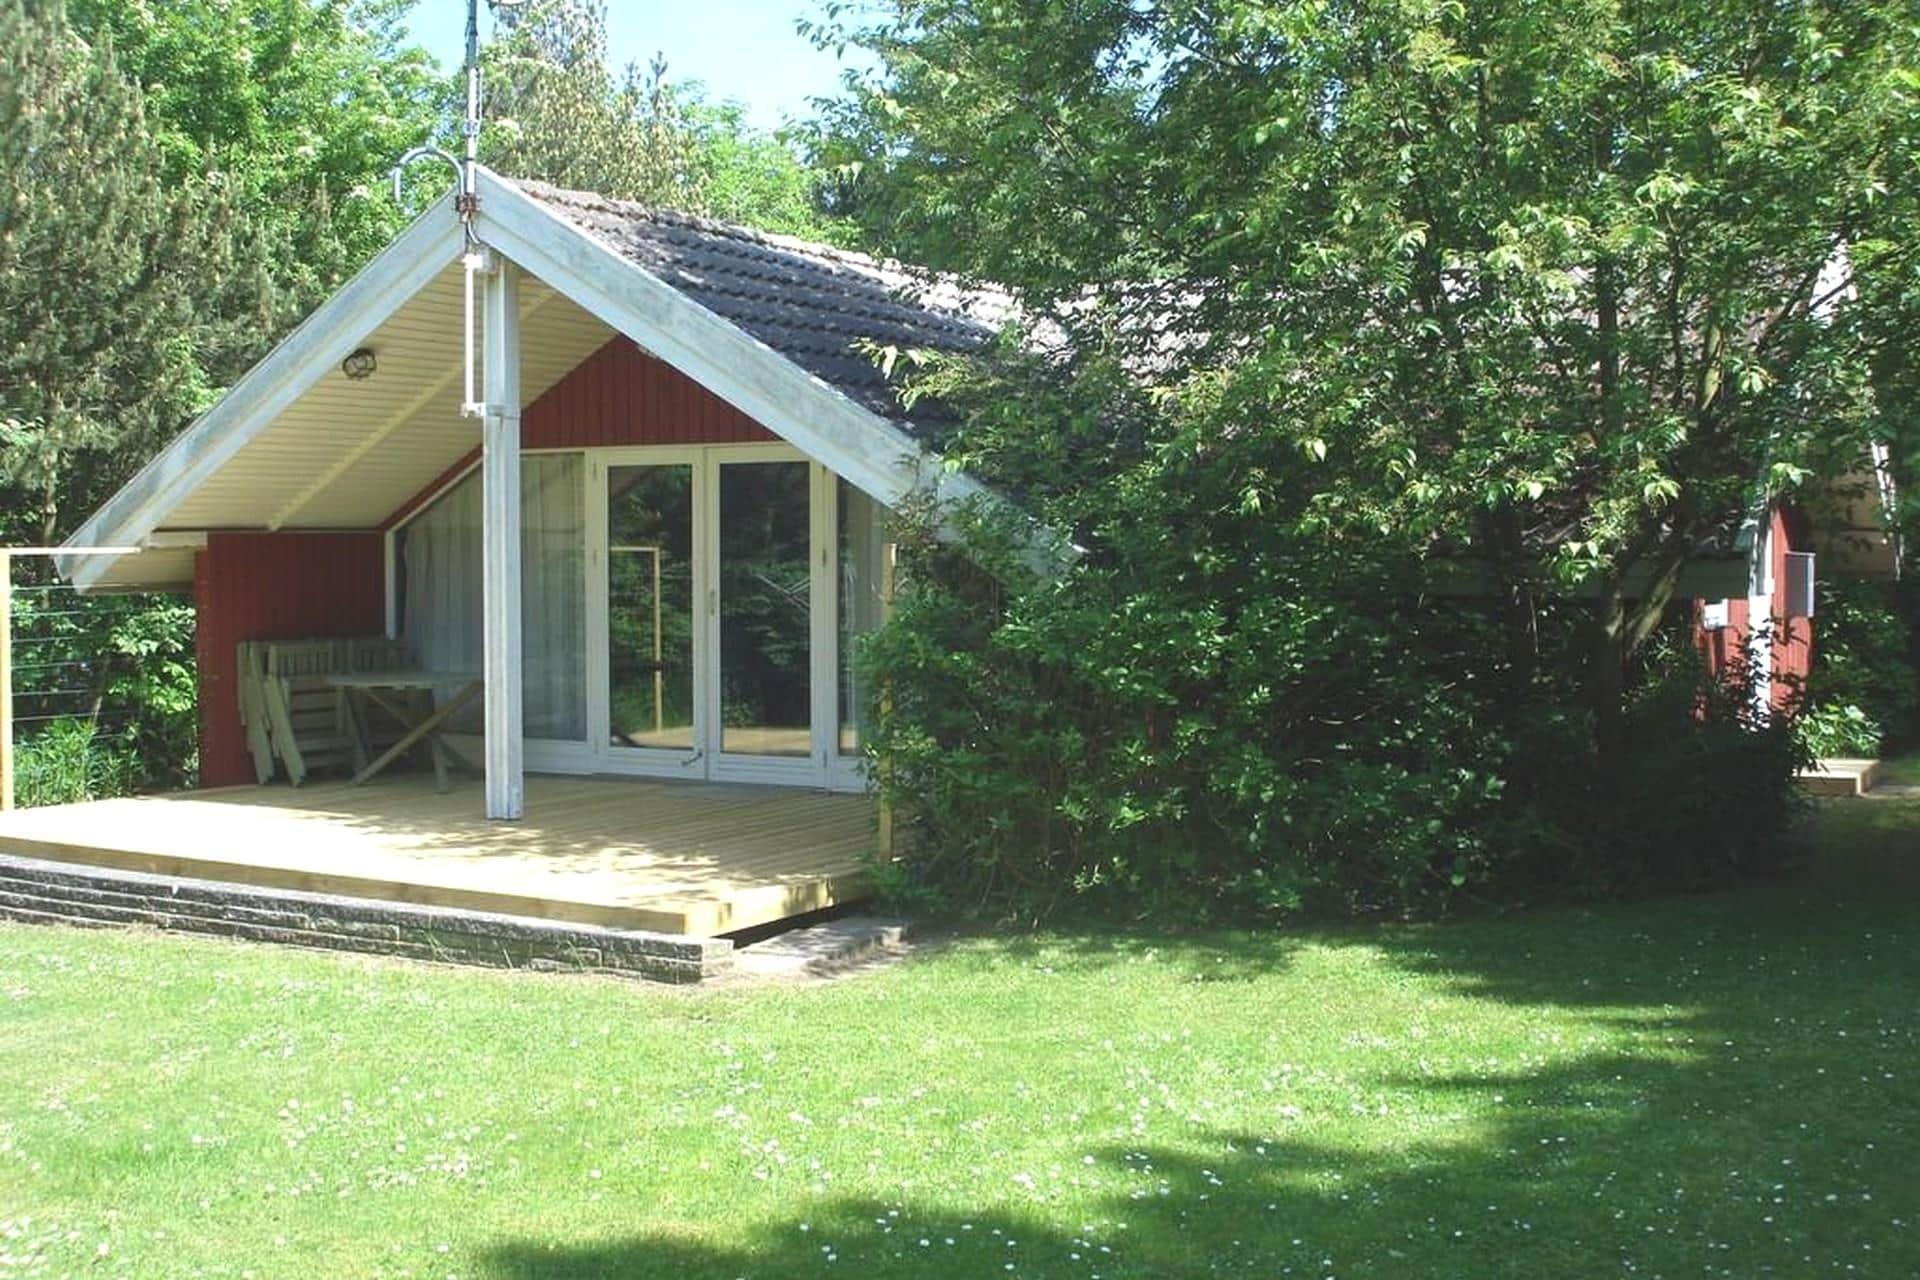 Billede 1-26 Sommerhus SL064, Sommerfuglevej 23, DK - 4200 Slagelse